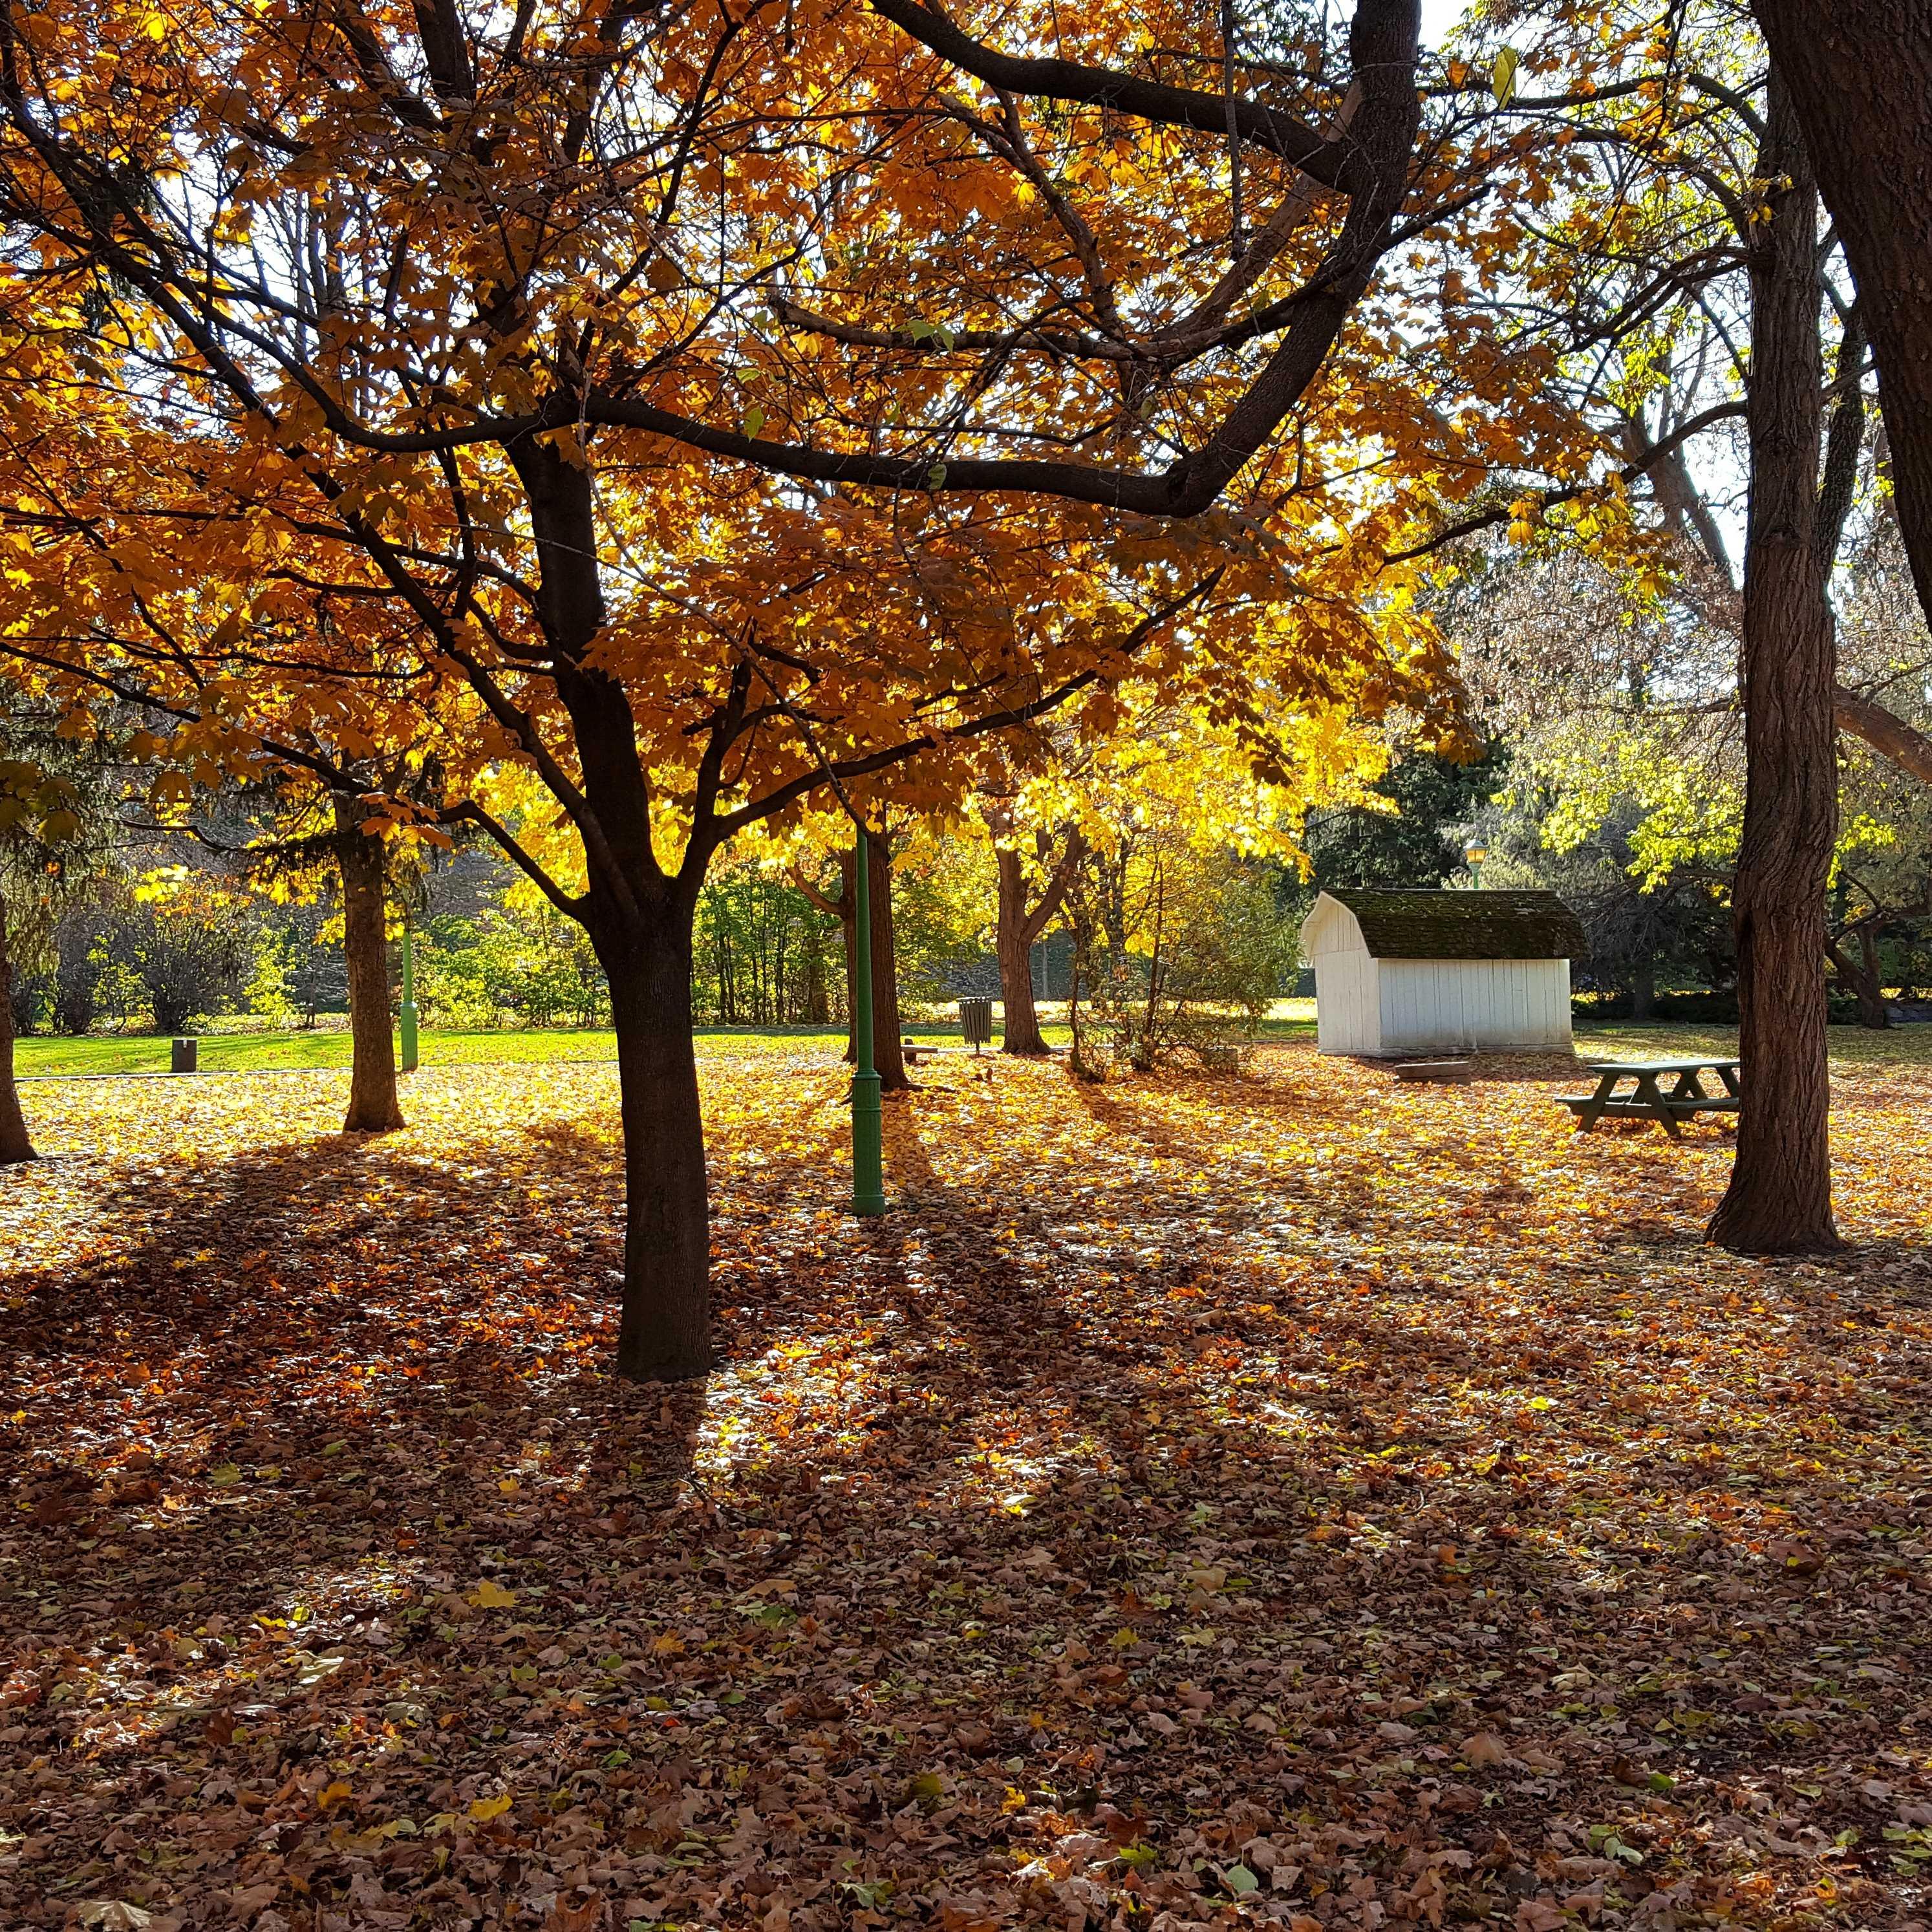 Bäume mit gelbem Laub